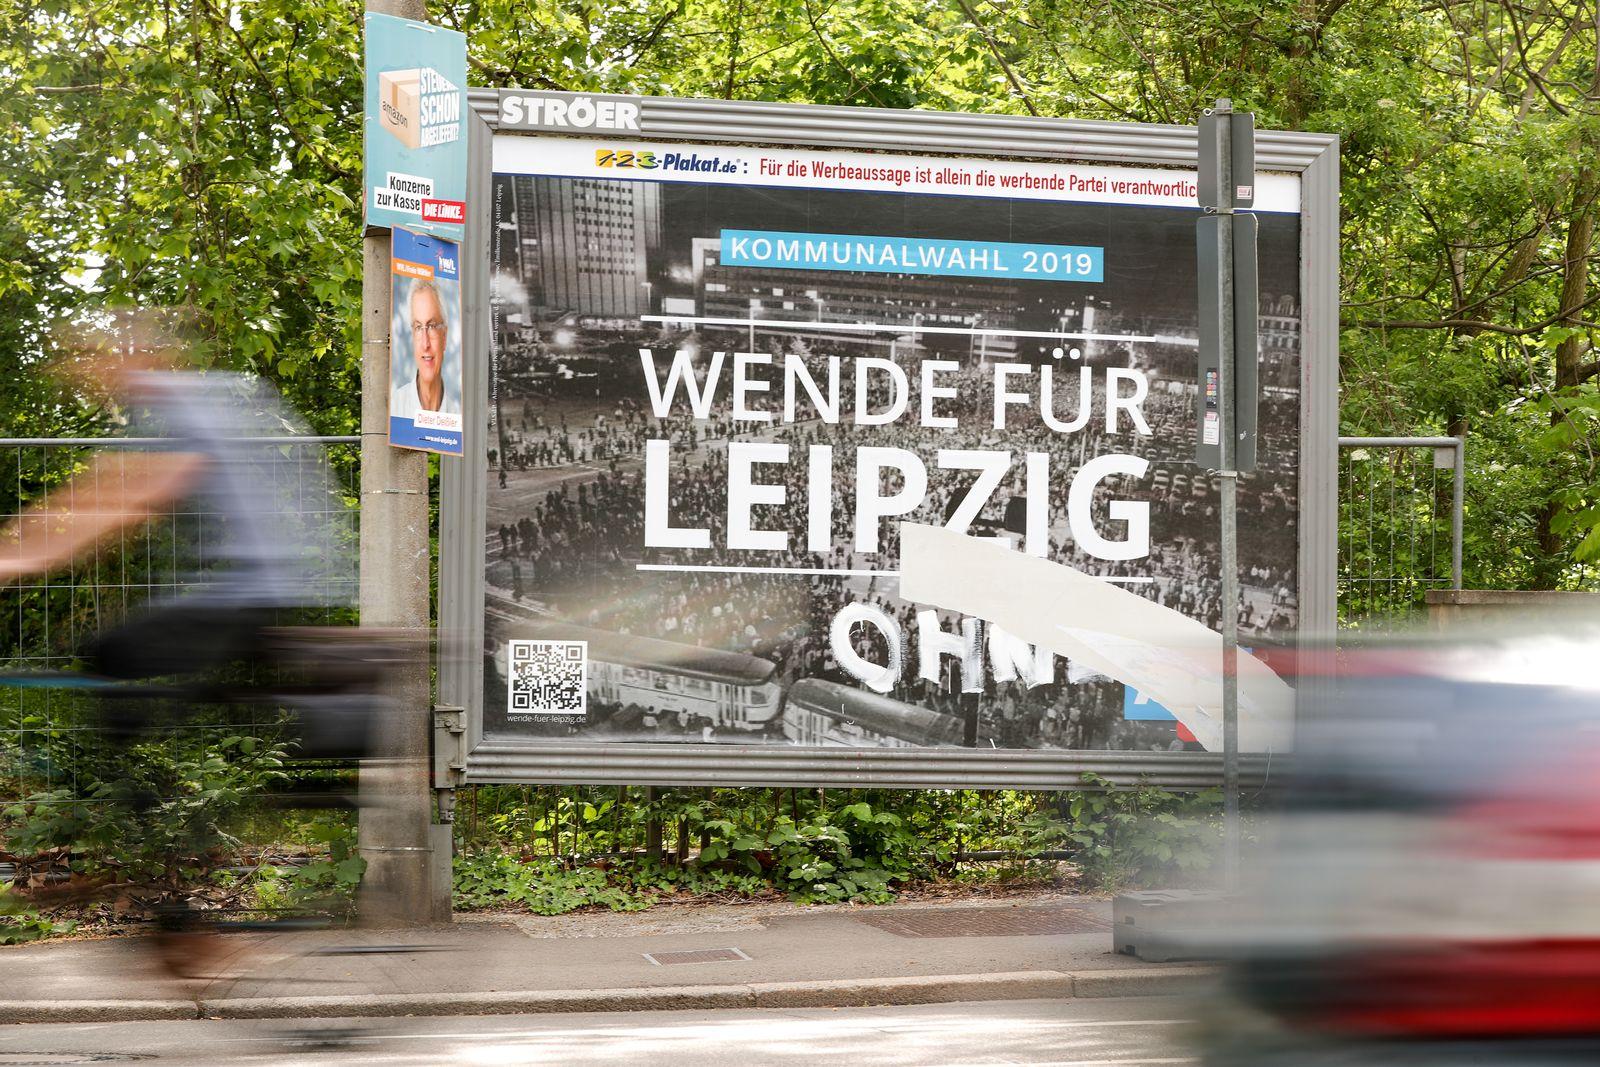 AfD-Wahlplakat in Leipzig/ Wende